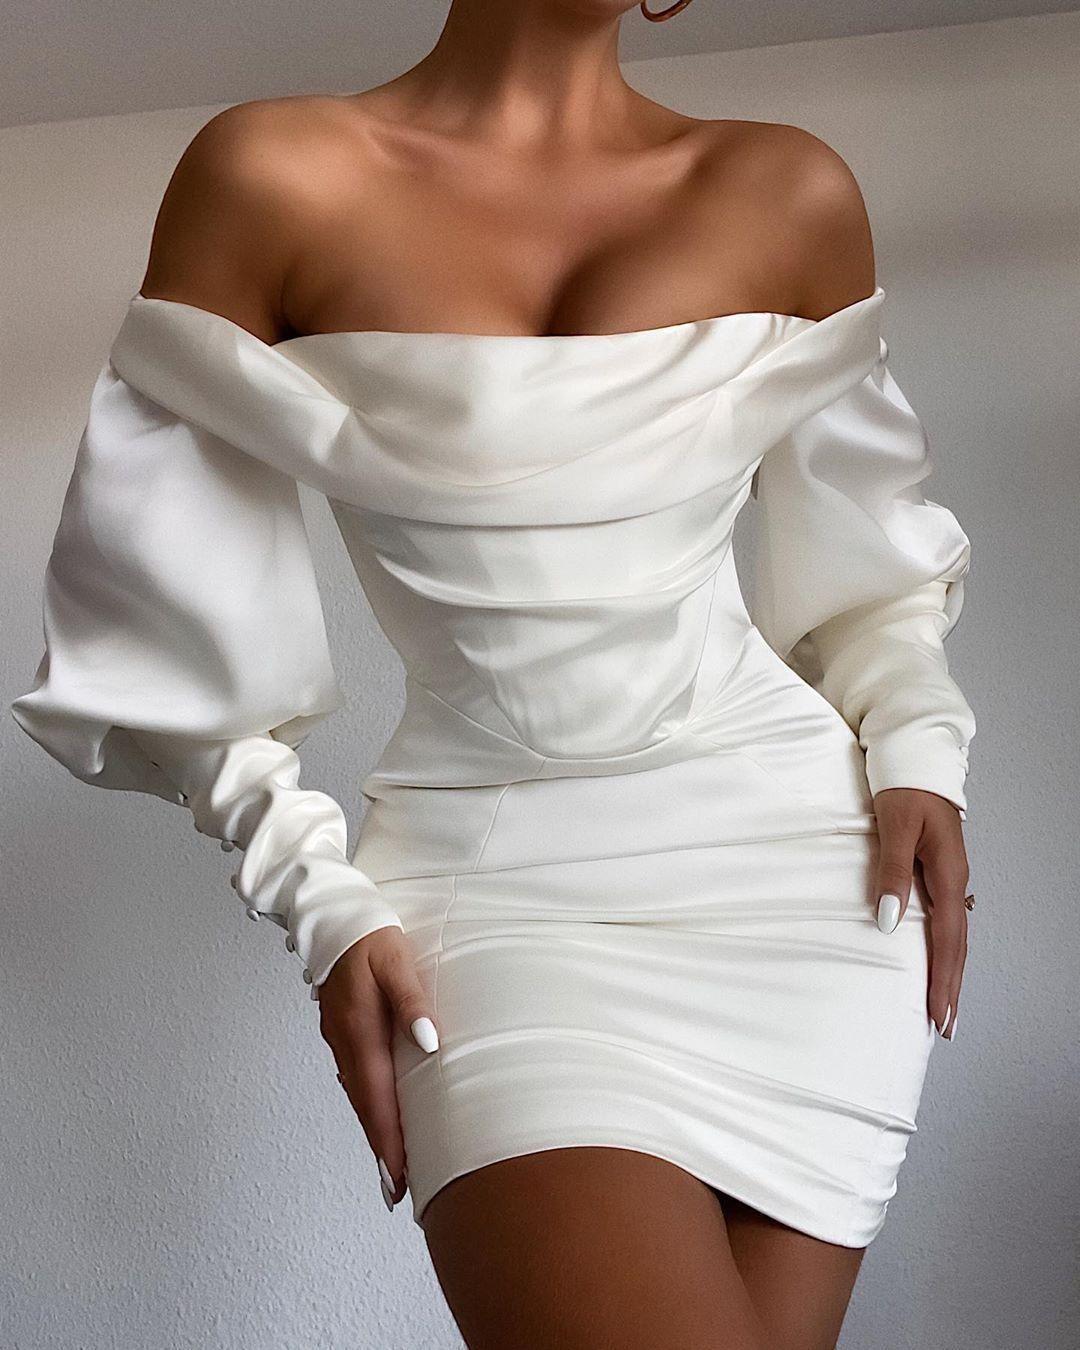 Dress, 139£ at houseofcb.com - Wheretoget Dress, 1